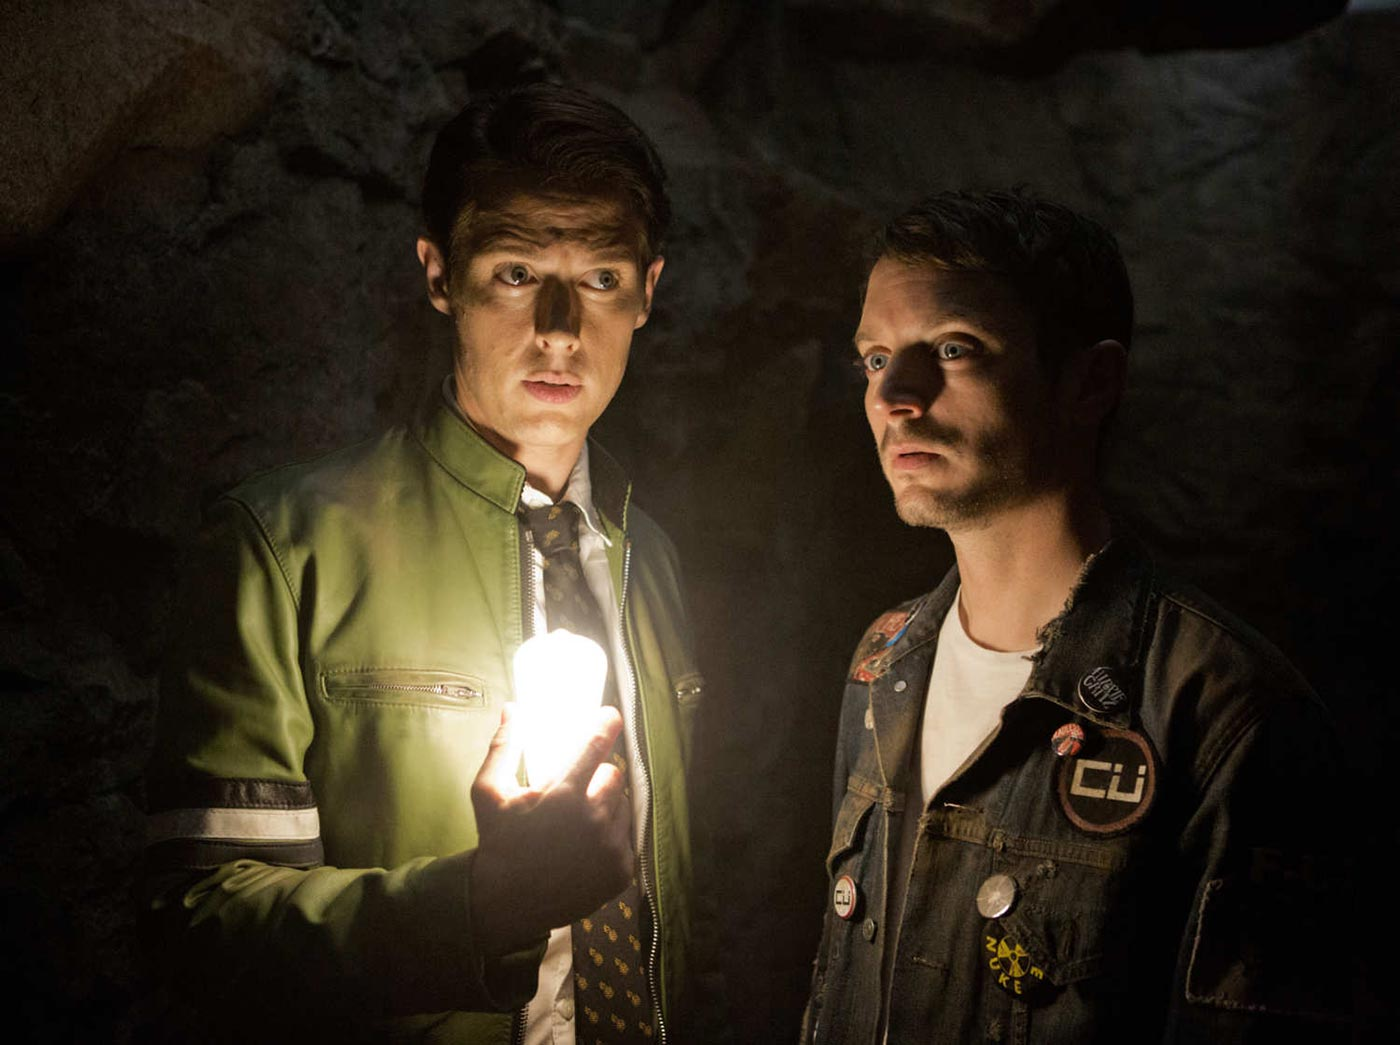 Le migliori colonne sonore per serie tv arrivano dal Canada